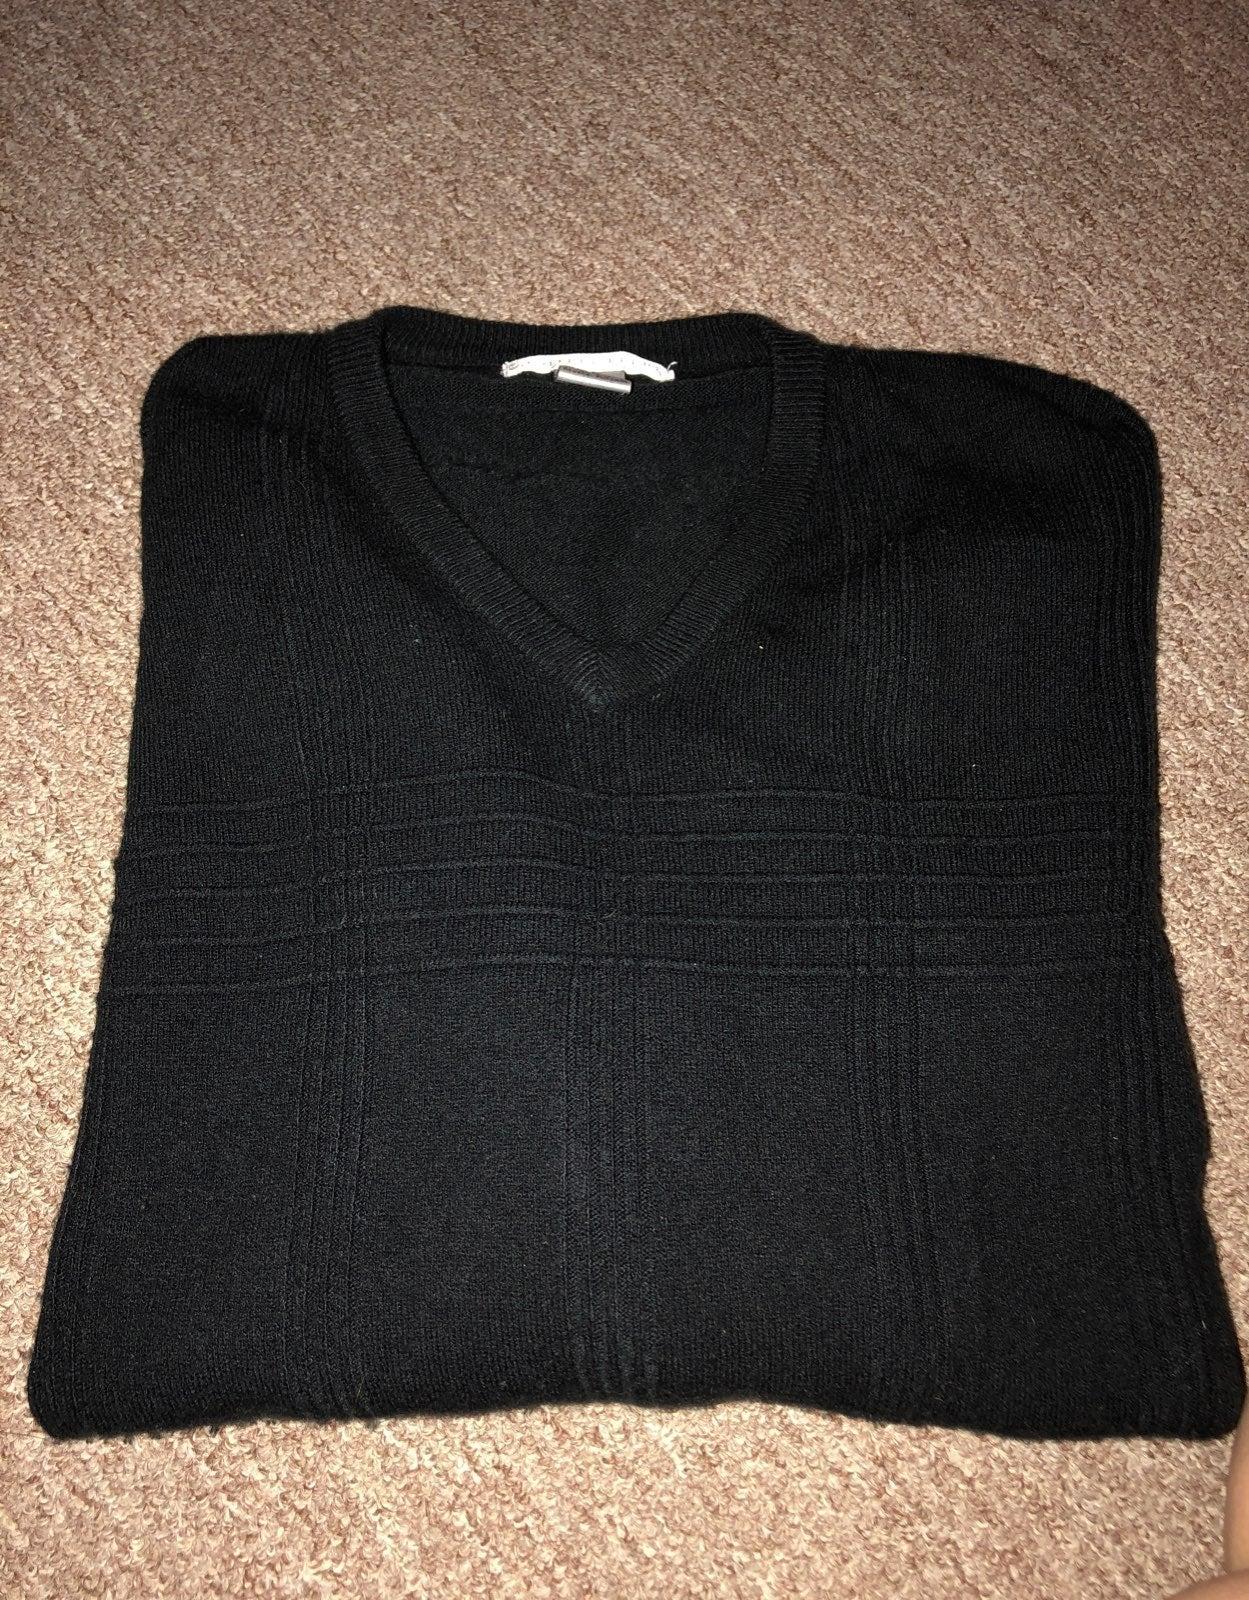 Mens vneck sweater large